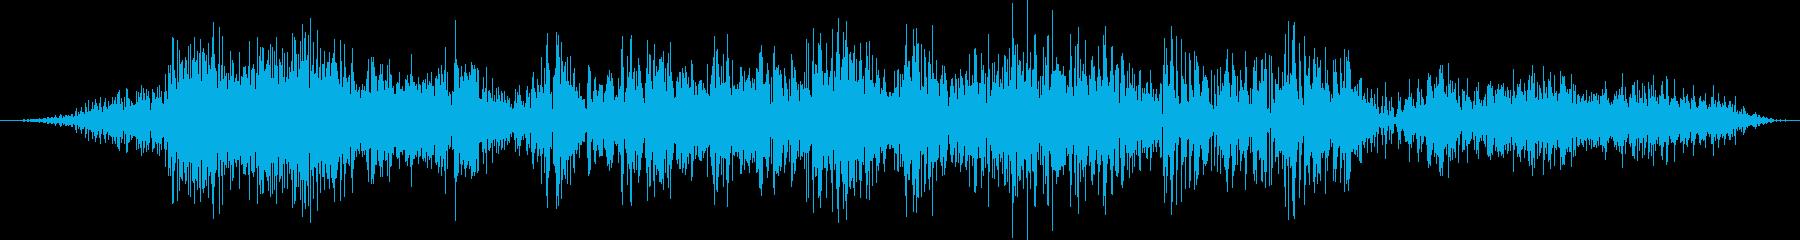 ワイルドスペースクリーチャーの奇妙...の再生済みの波形